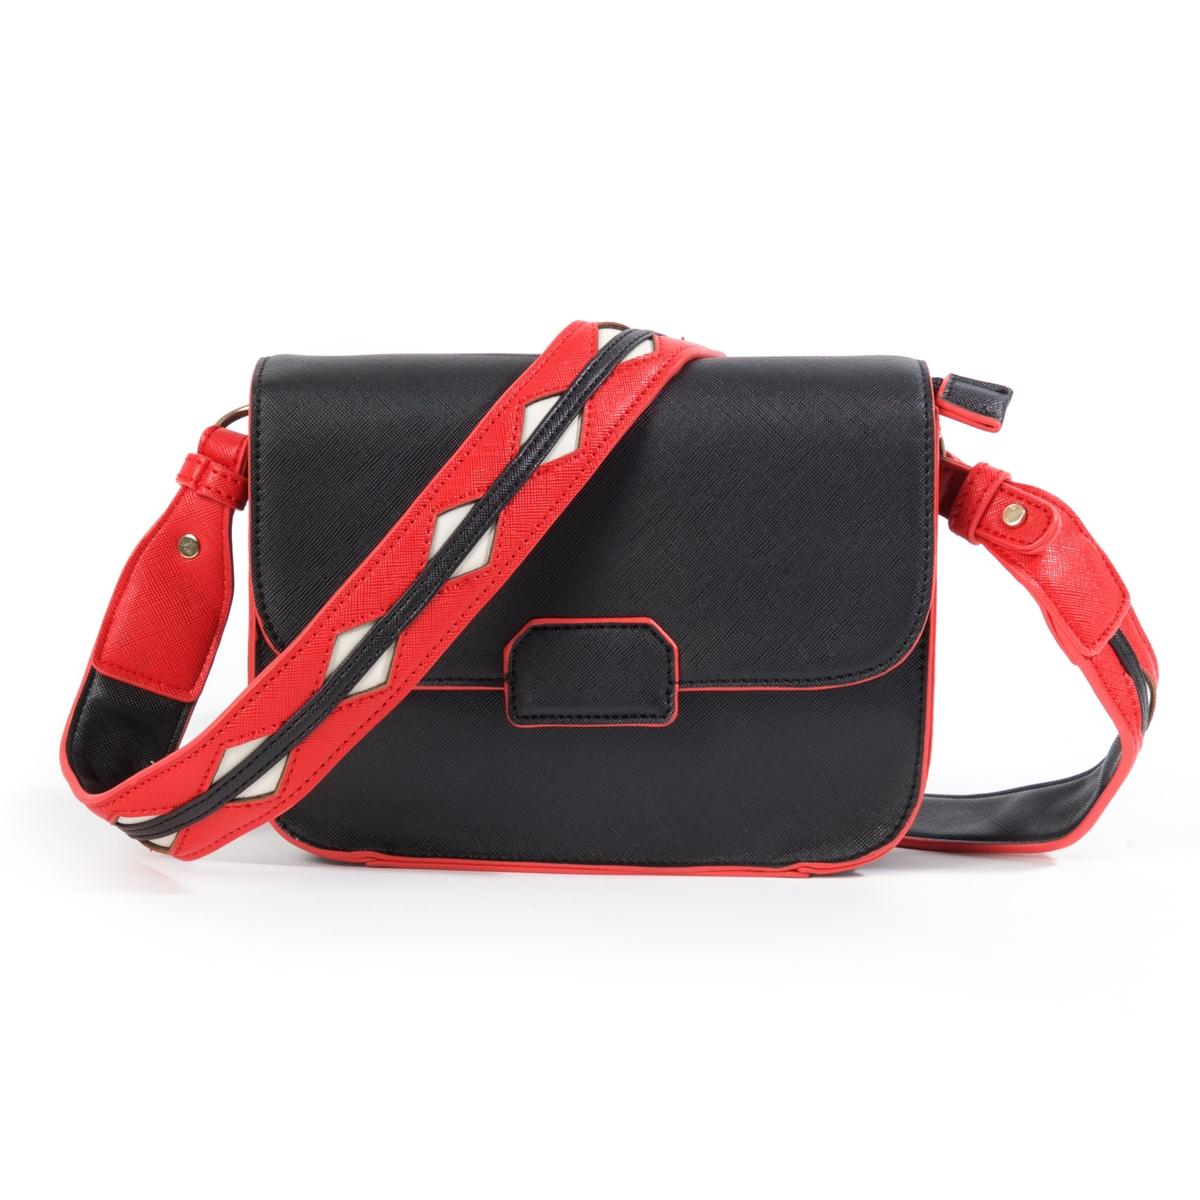 Сумка-клатчМини сумка-клатч вмещает по-максимуму: практичная, полезная и модная сумка оригинальных цветов. Состав и описание : Материал : верх из синтетики             подкладка из текстиля Размеры : 22 x 19 x 10 смЗастежка : молния и магнитная кнопка  1 карман для мобильного и 1 карман на молнию<br><br>Цвет: черный<br>Размер: единый размер